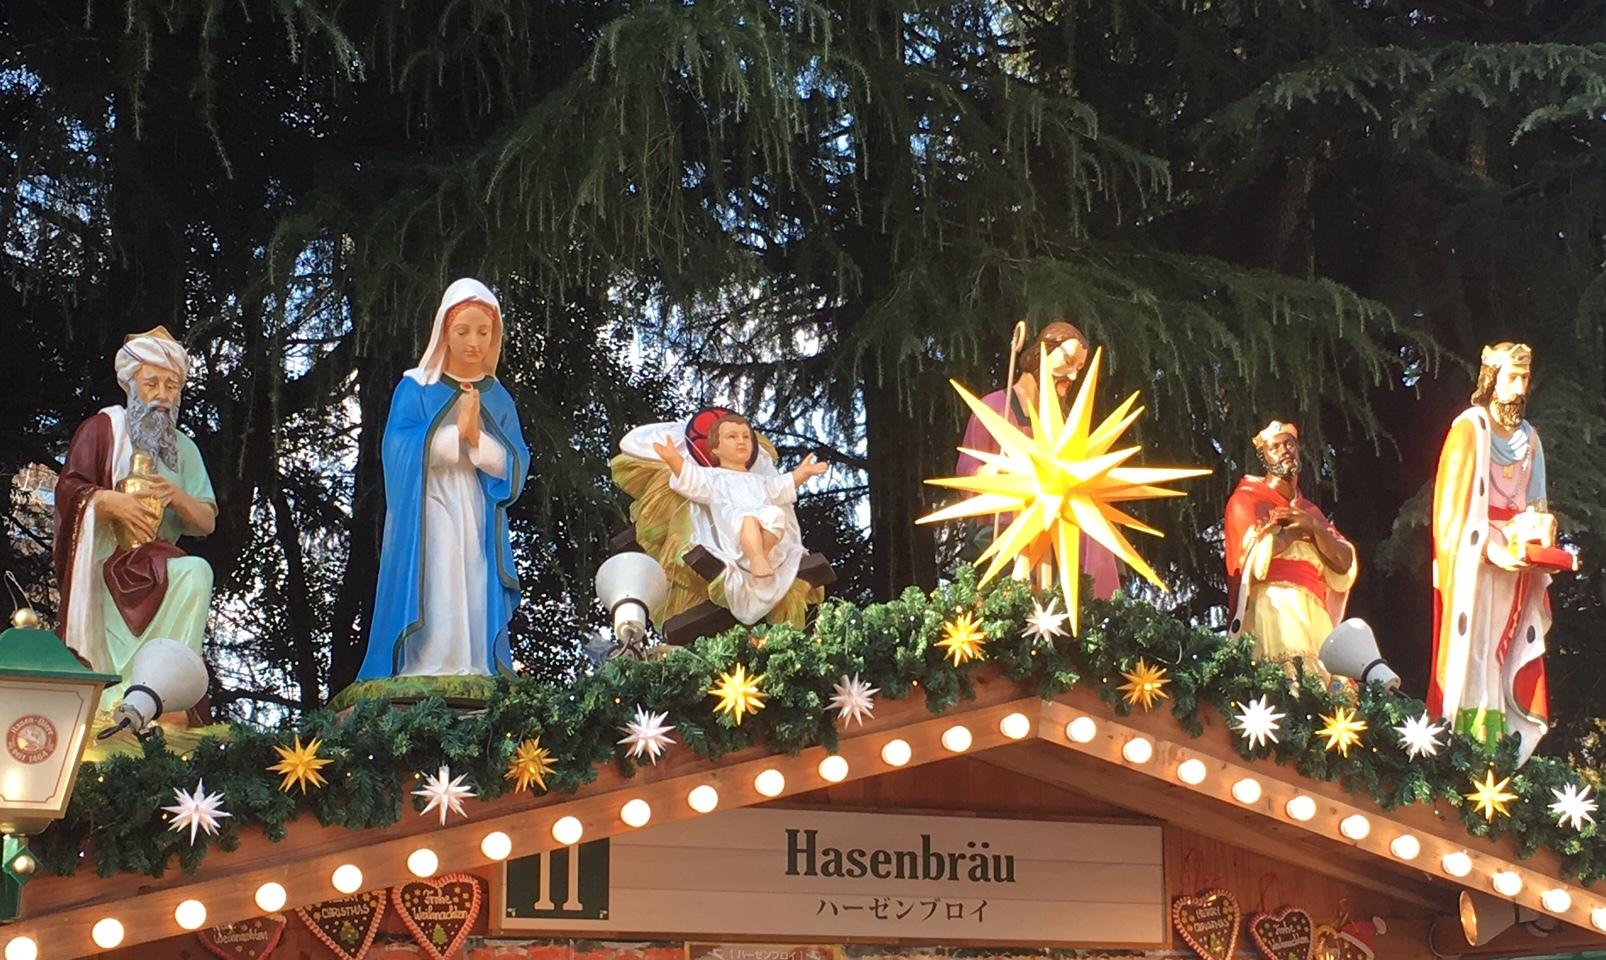 クリスマスマーケット日比谷公園_1_2